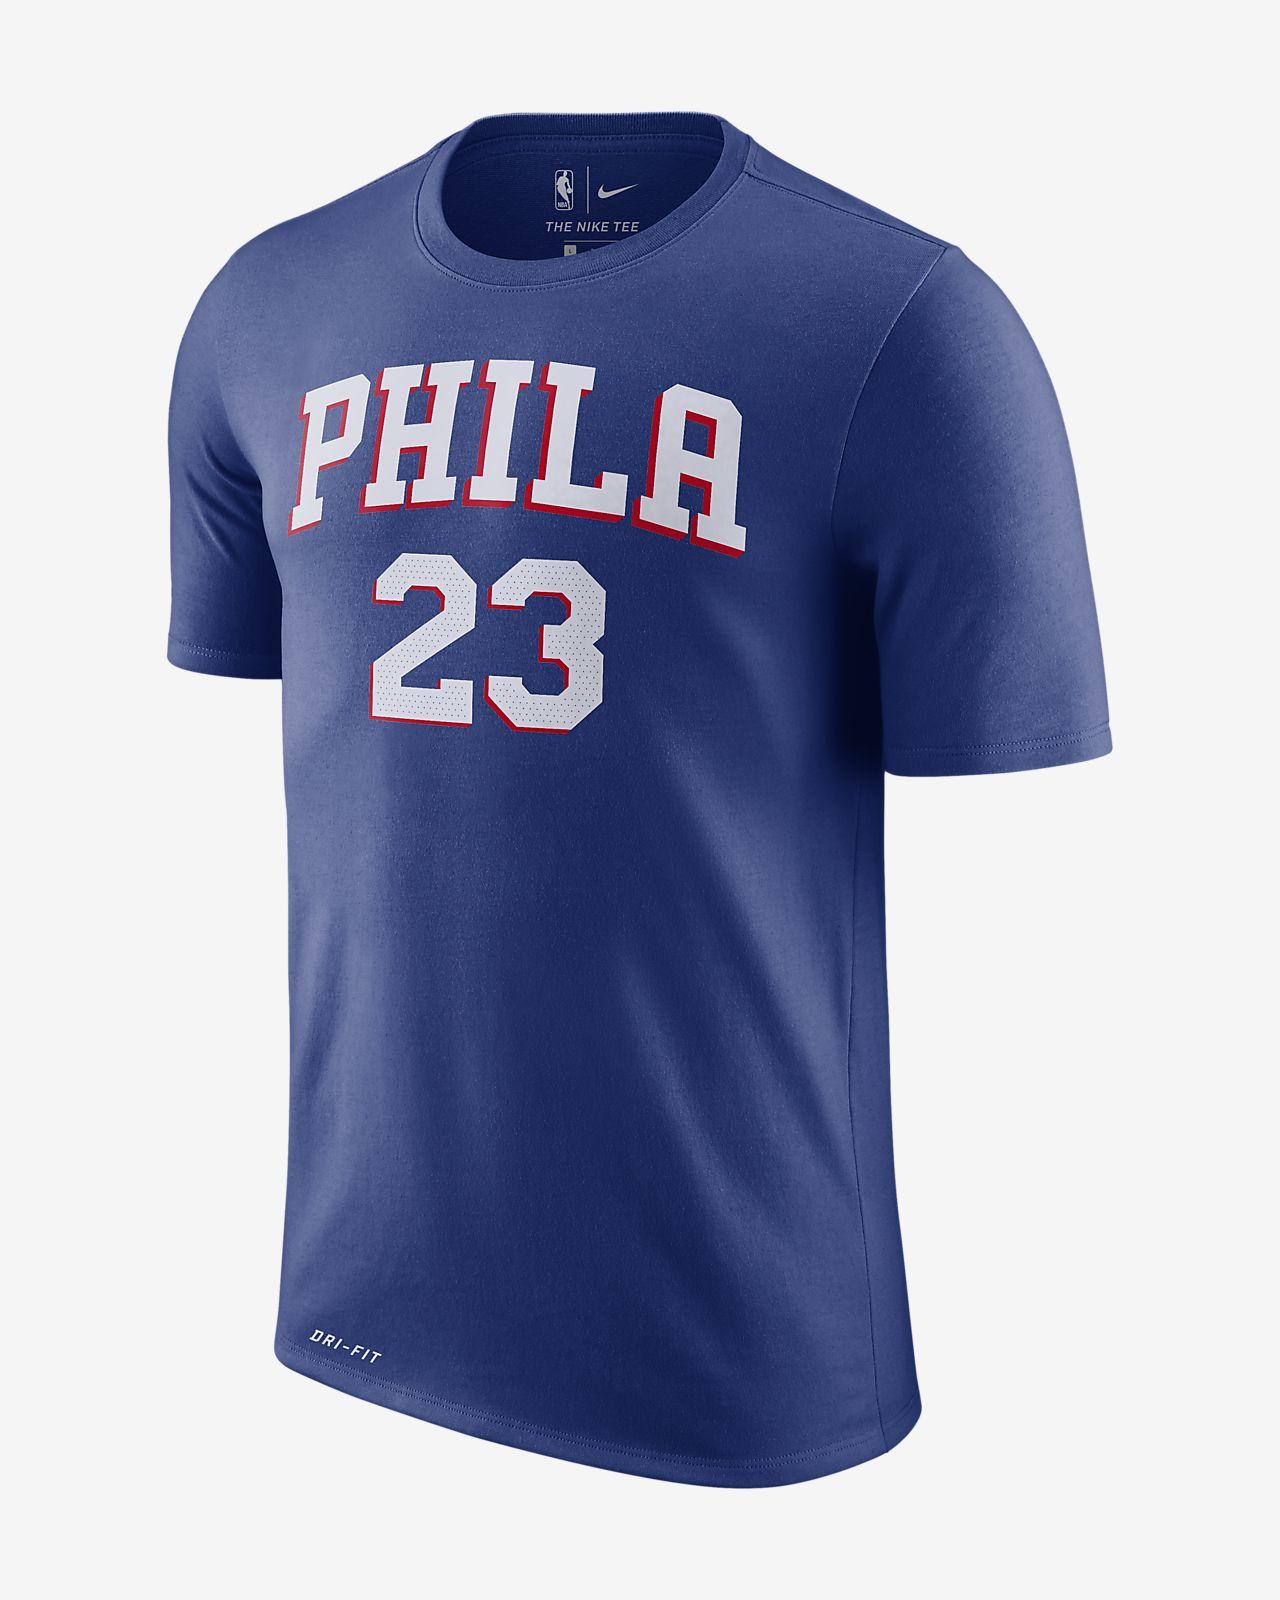 费城 76 人队 Nike Dri-FIT NBA 男子T恤